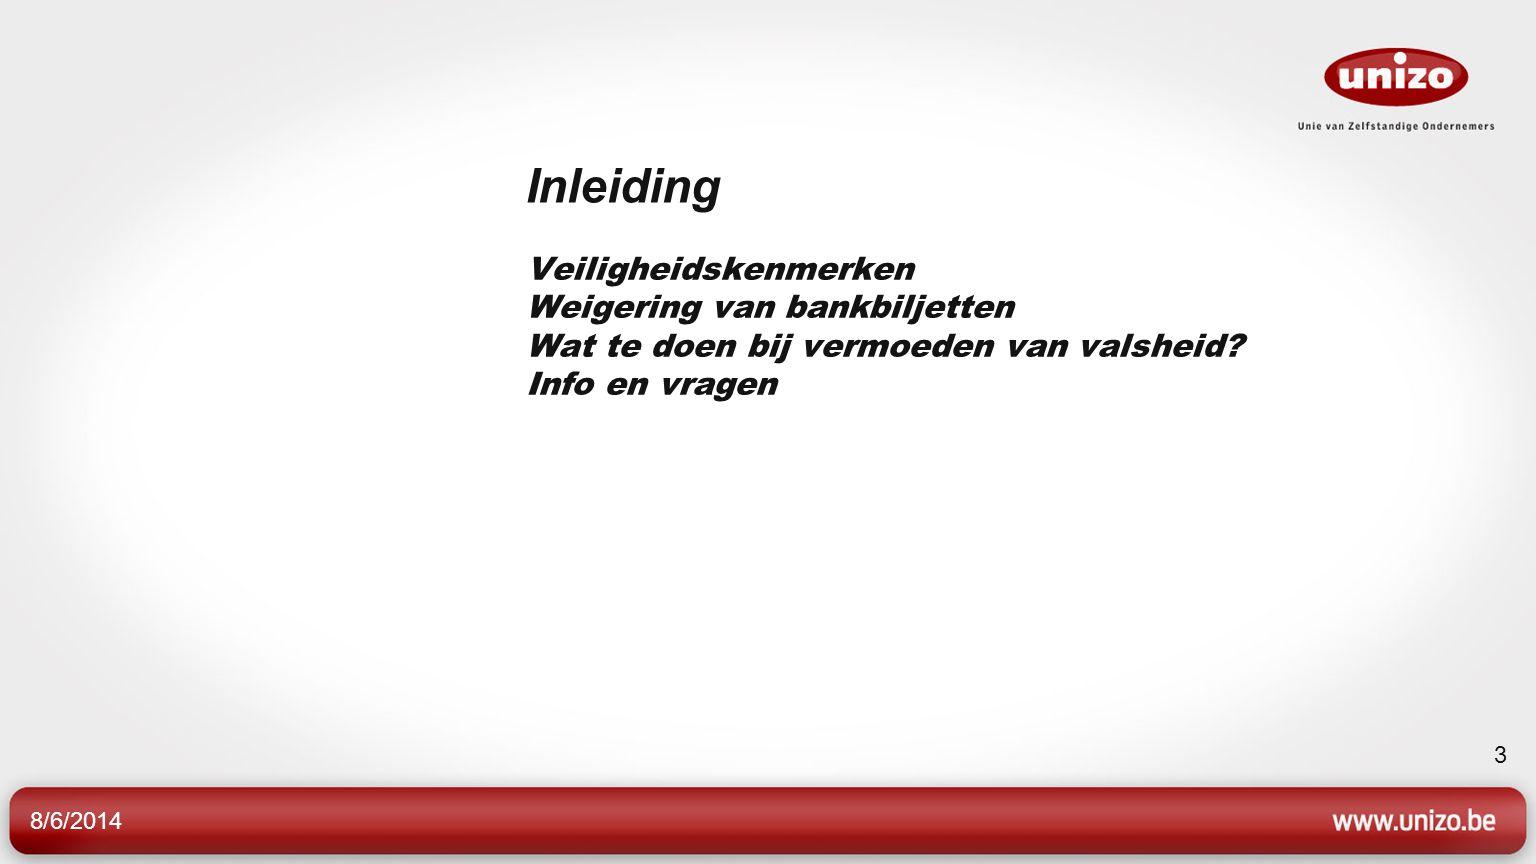 8/6/2014 3 Inleiding Veiligheidskenmerken Weigering van bankbiljetten Wat te doen bij vermoeden van valsheid? Info en vragen